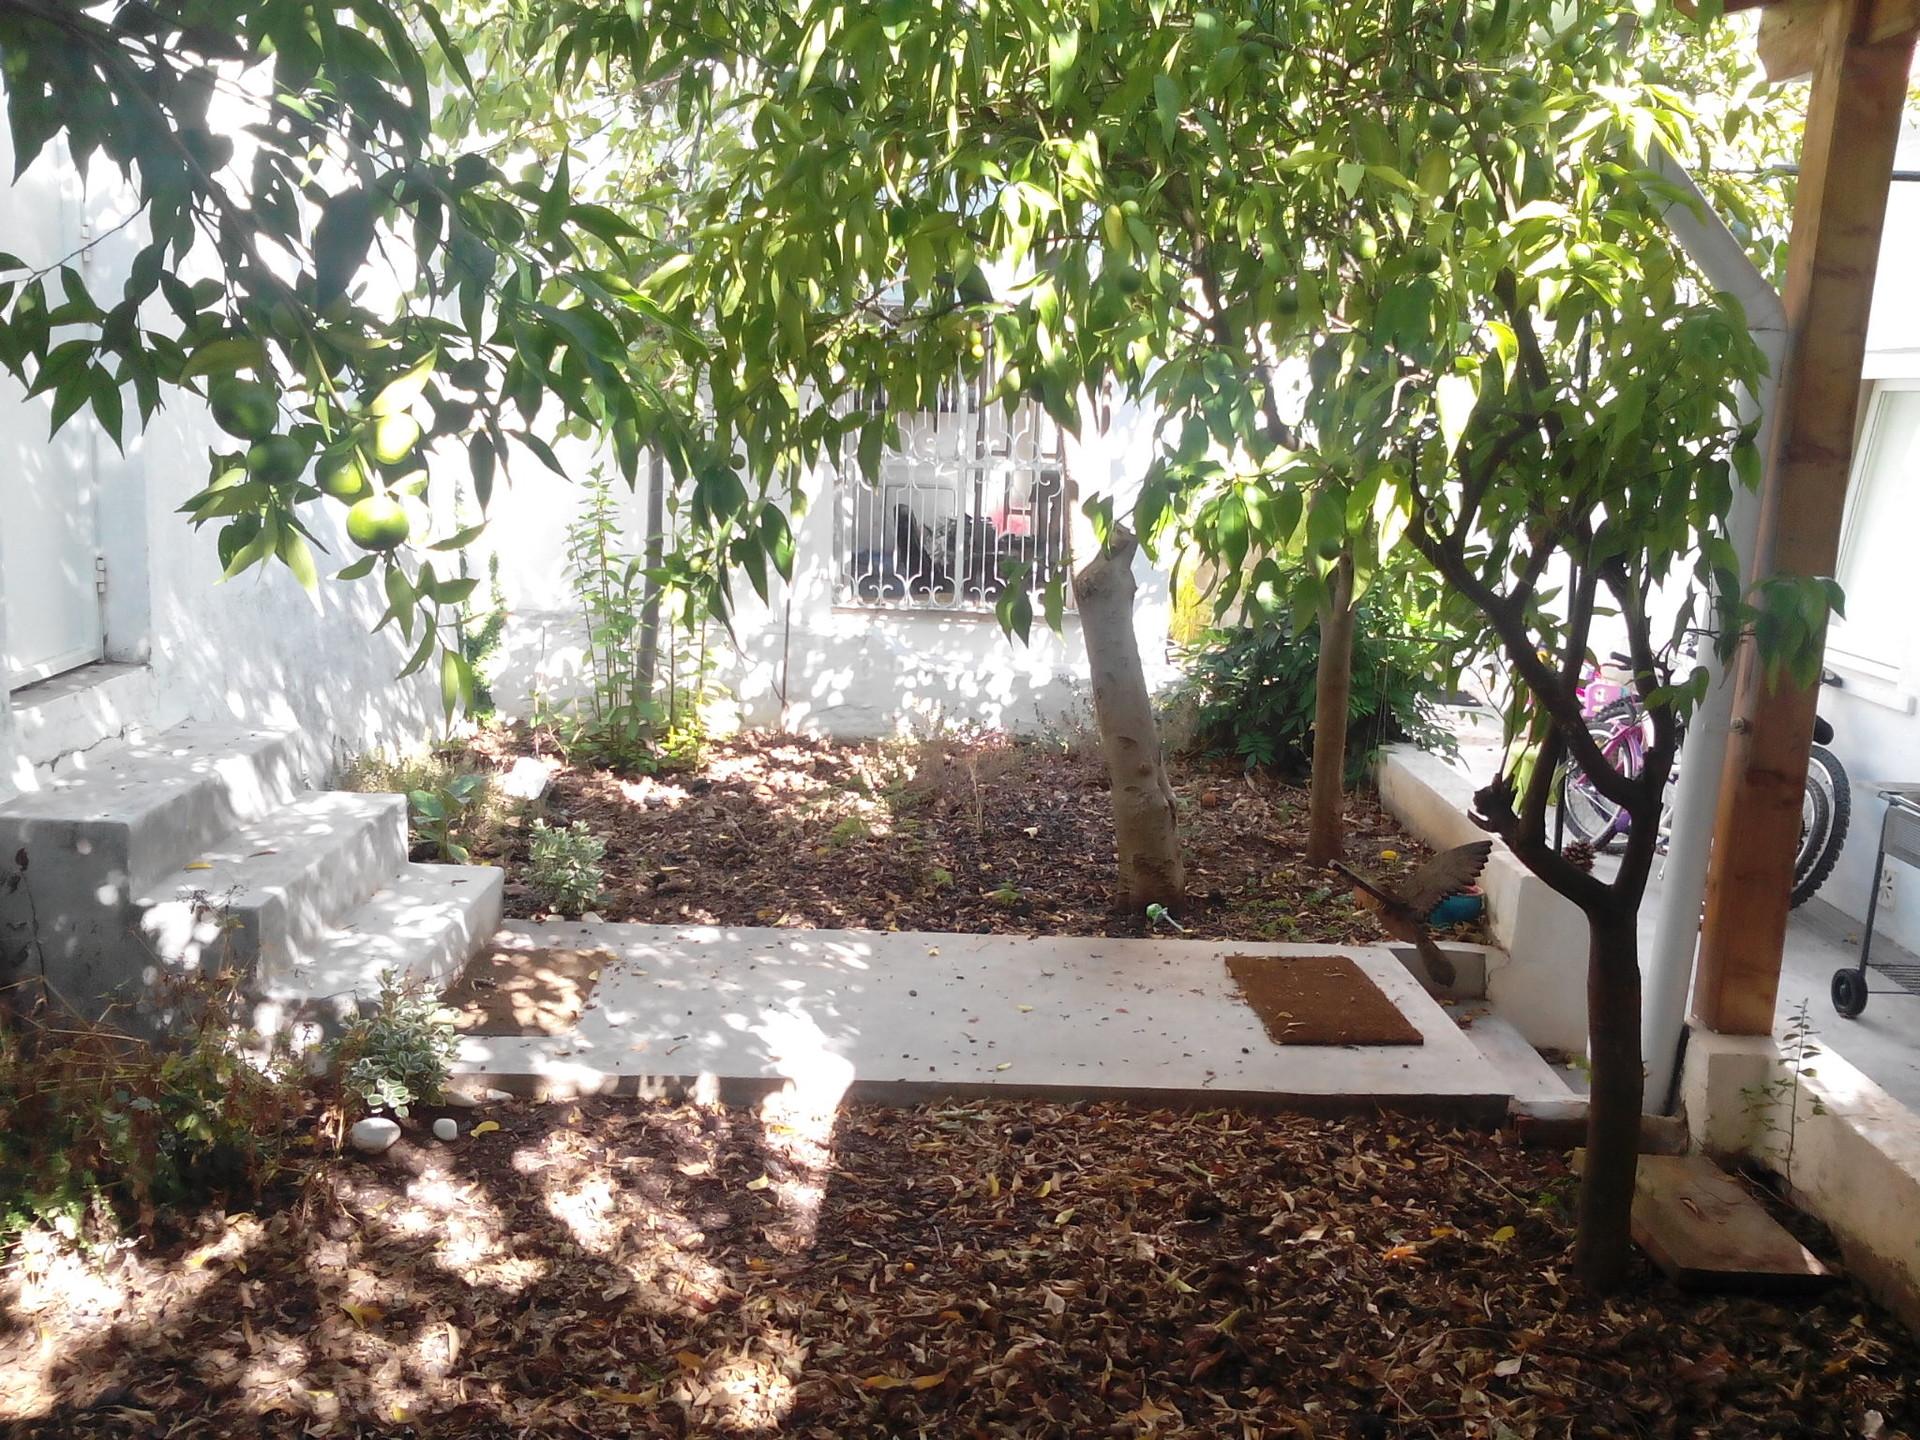 sunny-villa-belem-lisboa-portugal-20dd56454de27d2bf2223e389b259dc3